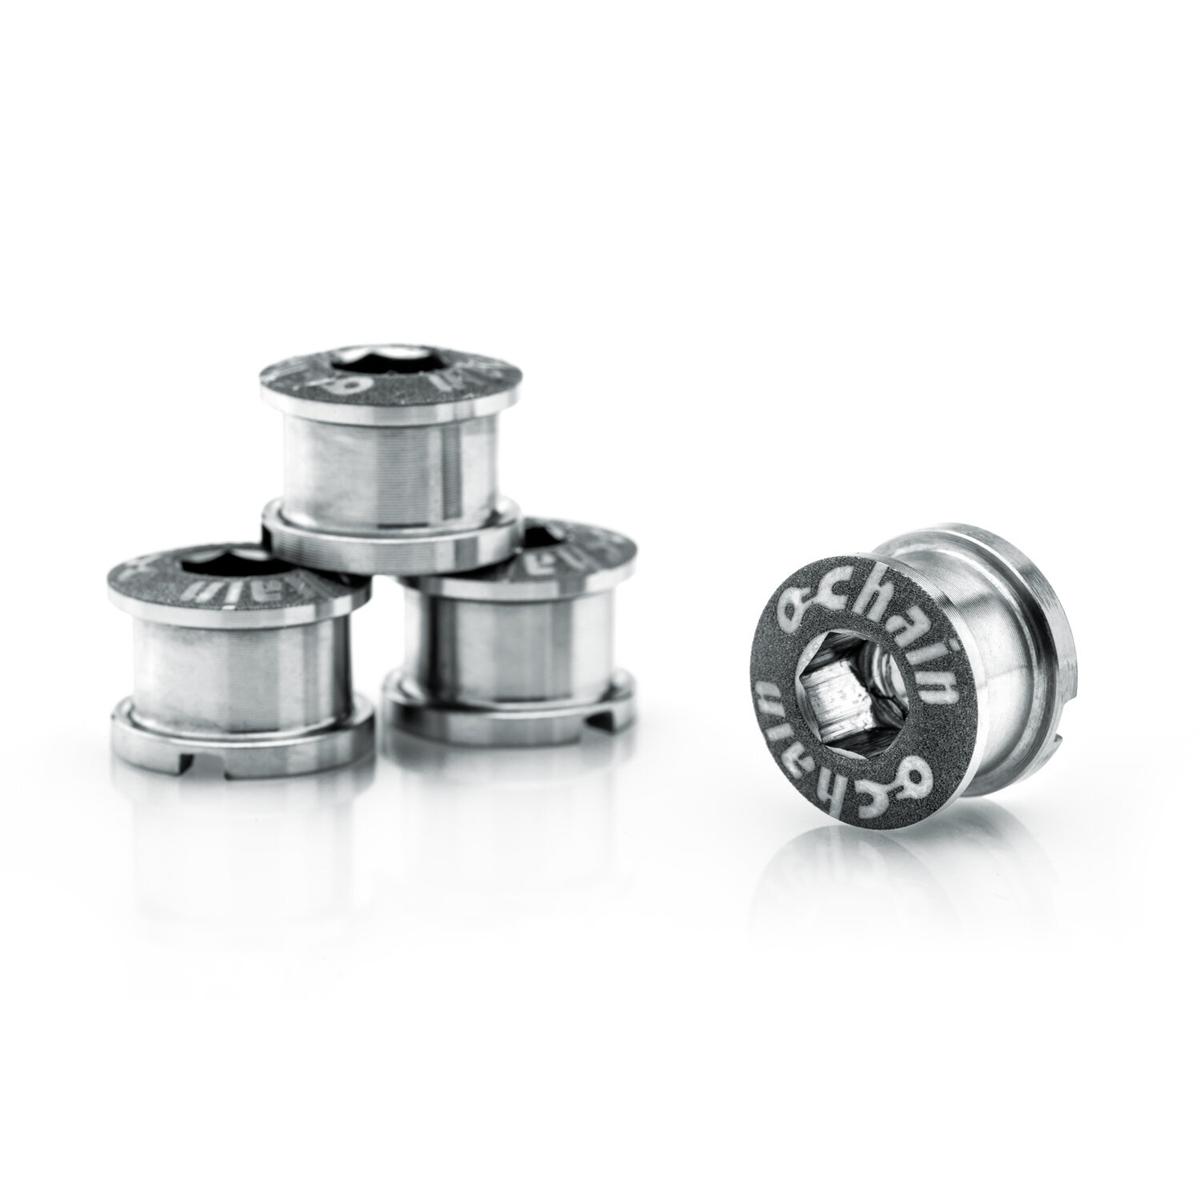 Titanium Nuts Kit 4pcs